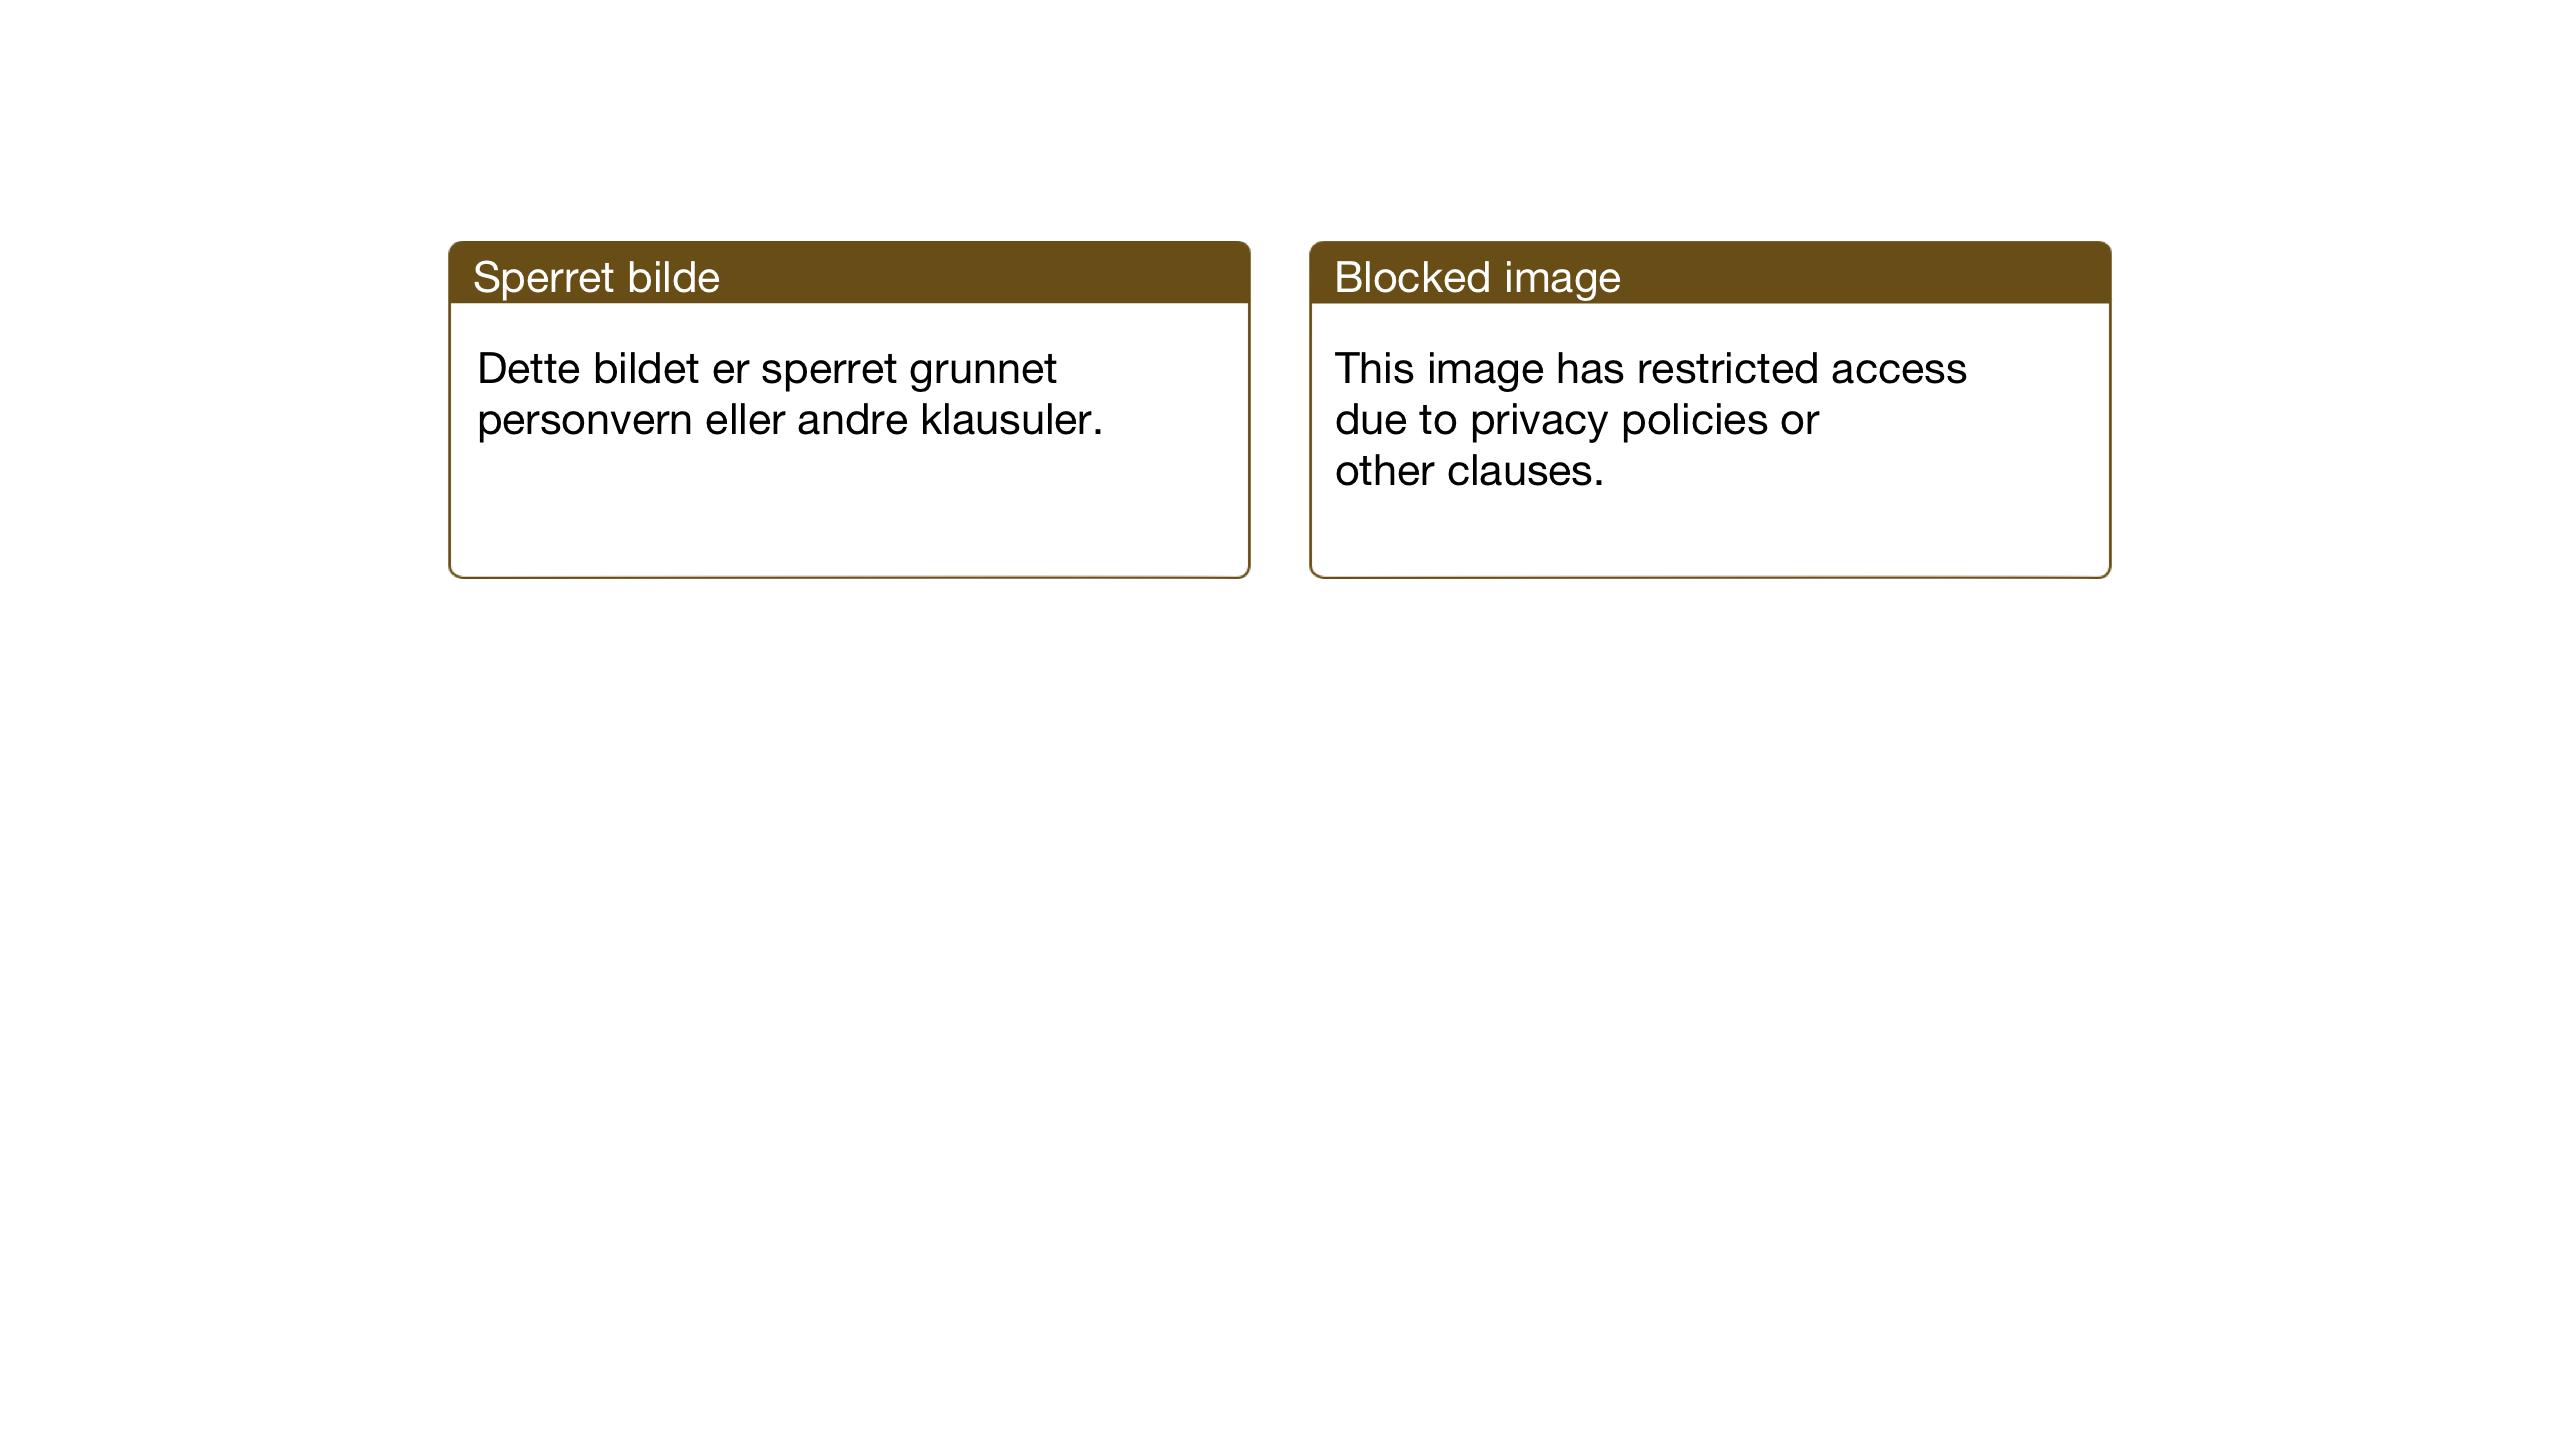 SAT, Ministerialprotokoller, klokkerbøker og fødselsregistre - Nord-Trøndelag, 744/L0425: Klokkerbok nr. 744C04, 1924-1947, s. 31